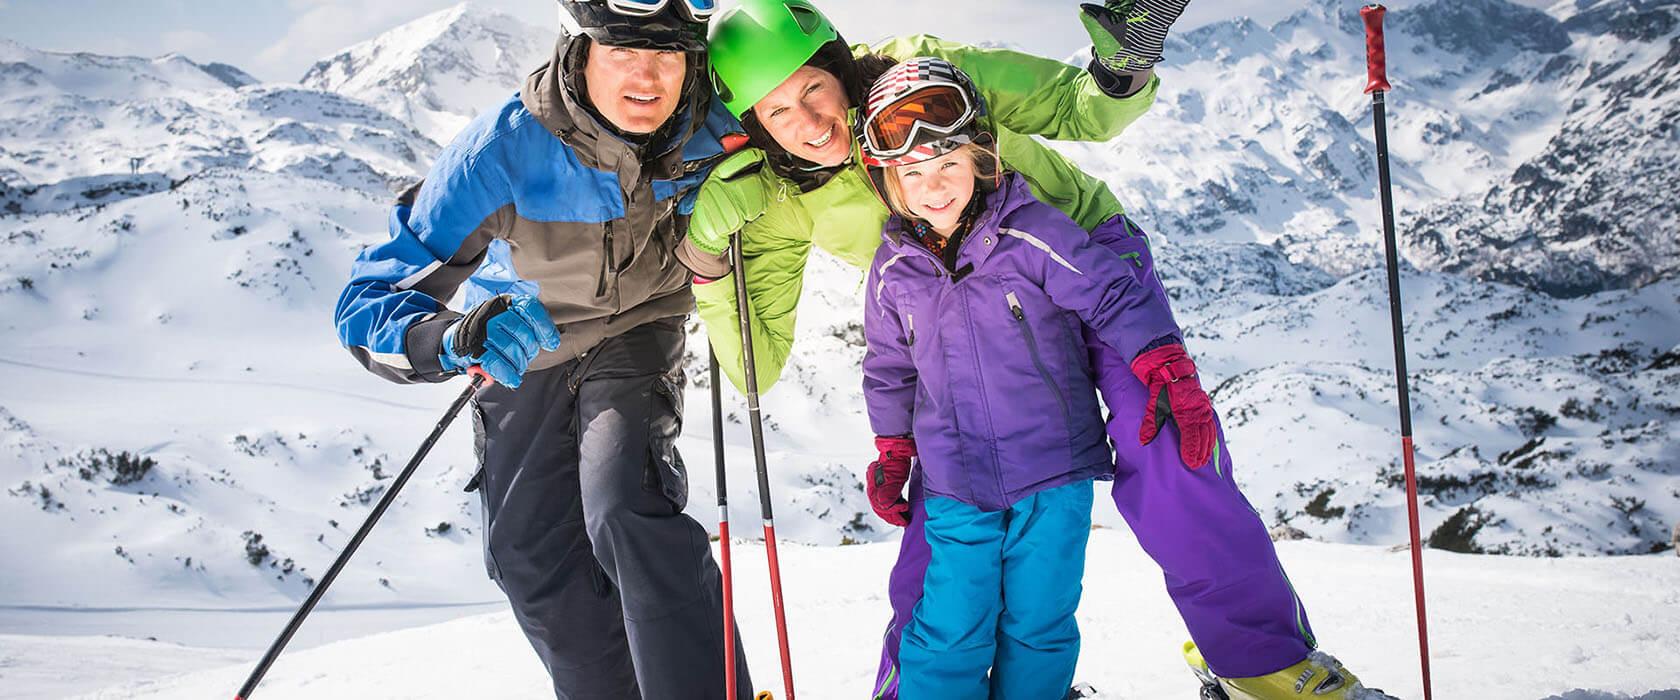 61536dda6 Bezpečnost při lyžování - Lyžařské zájezdy - Zimní dovolená